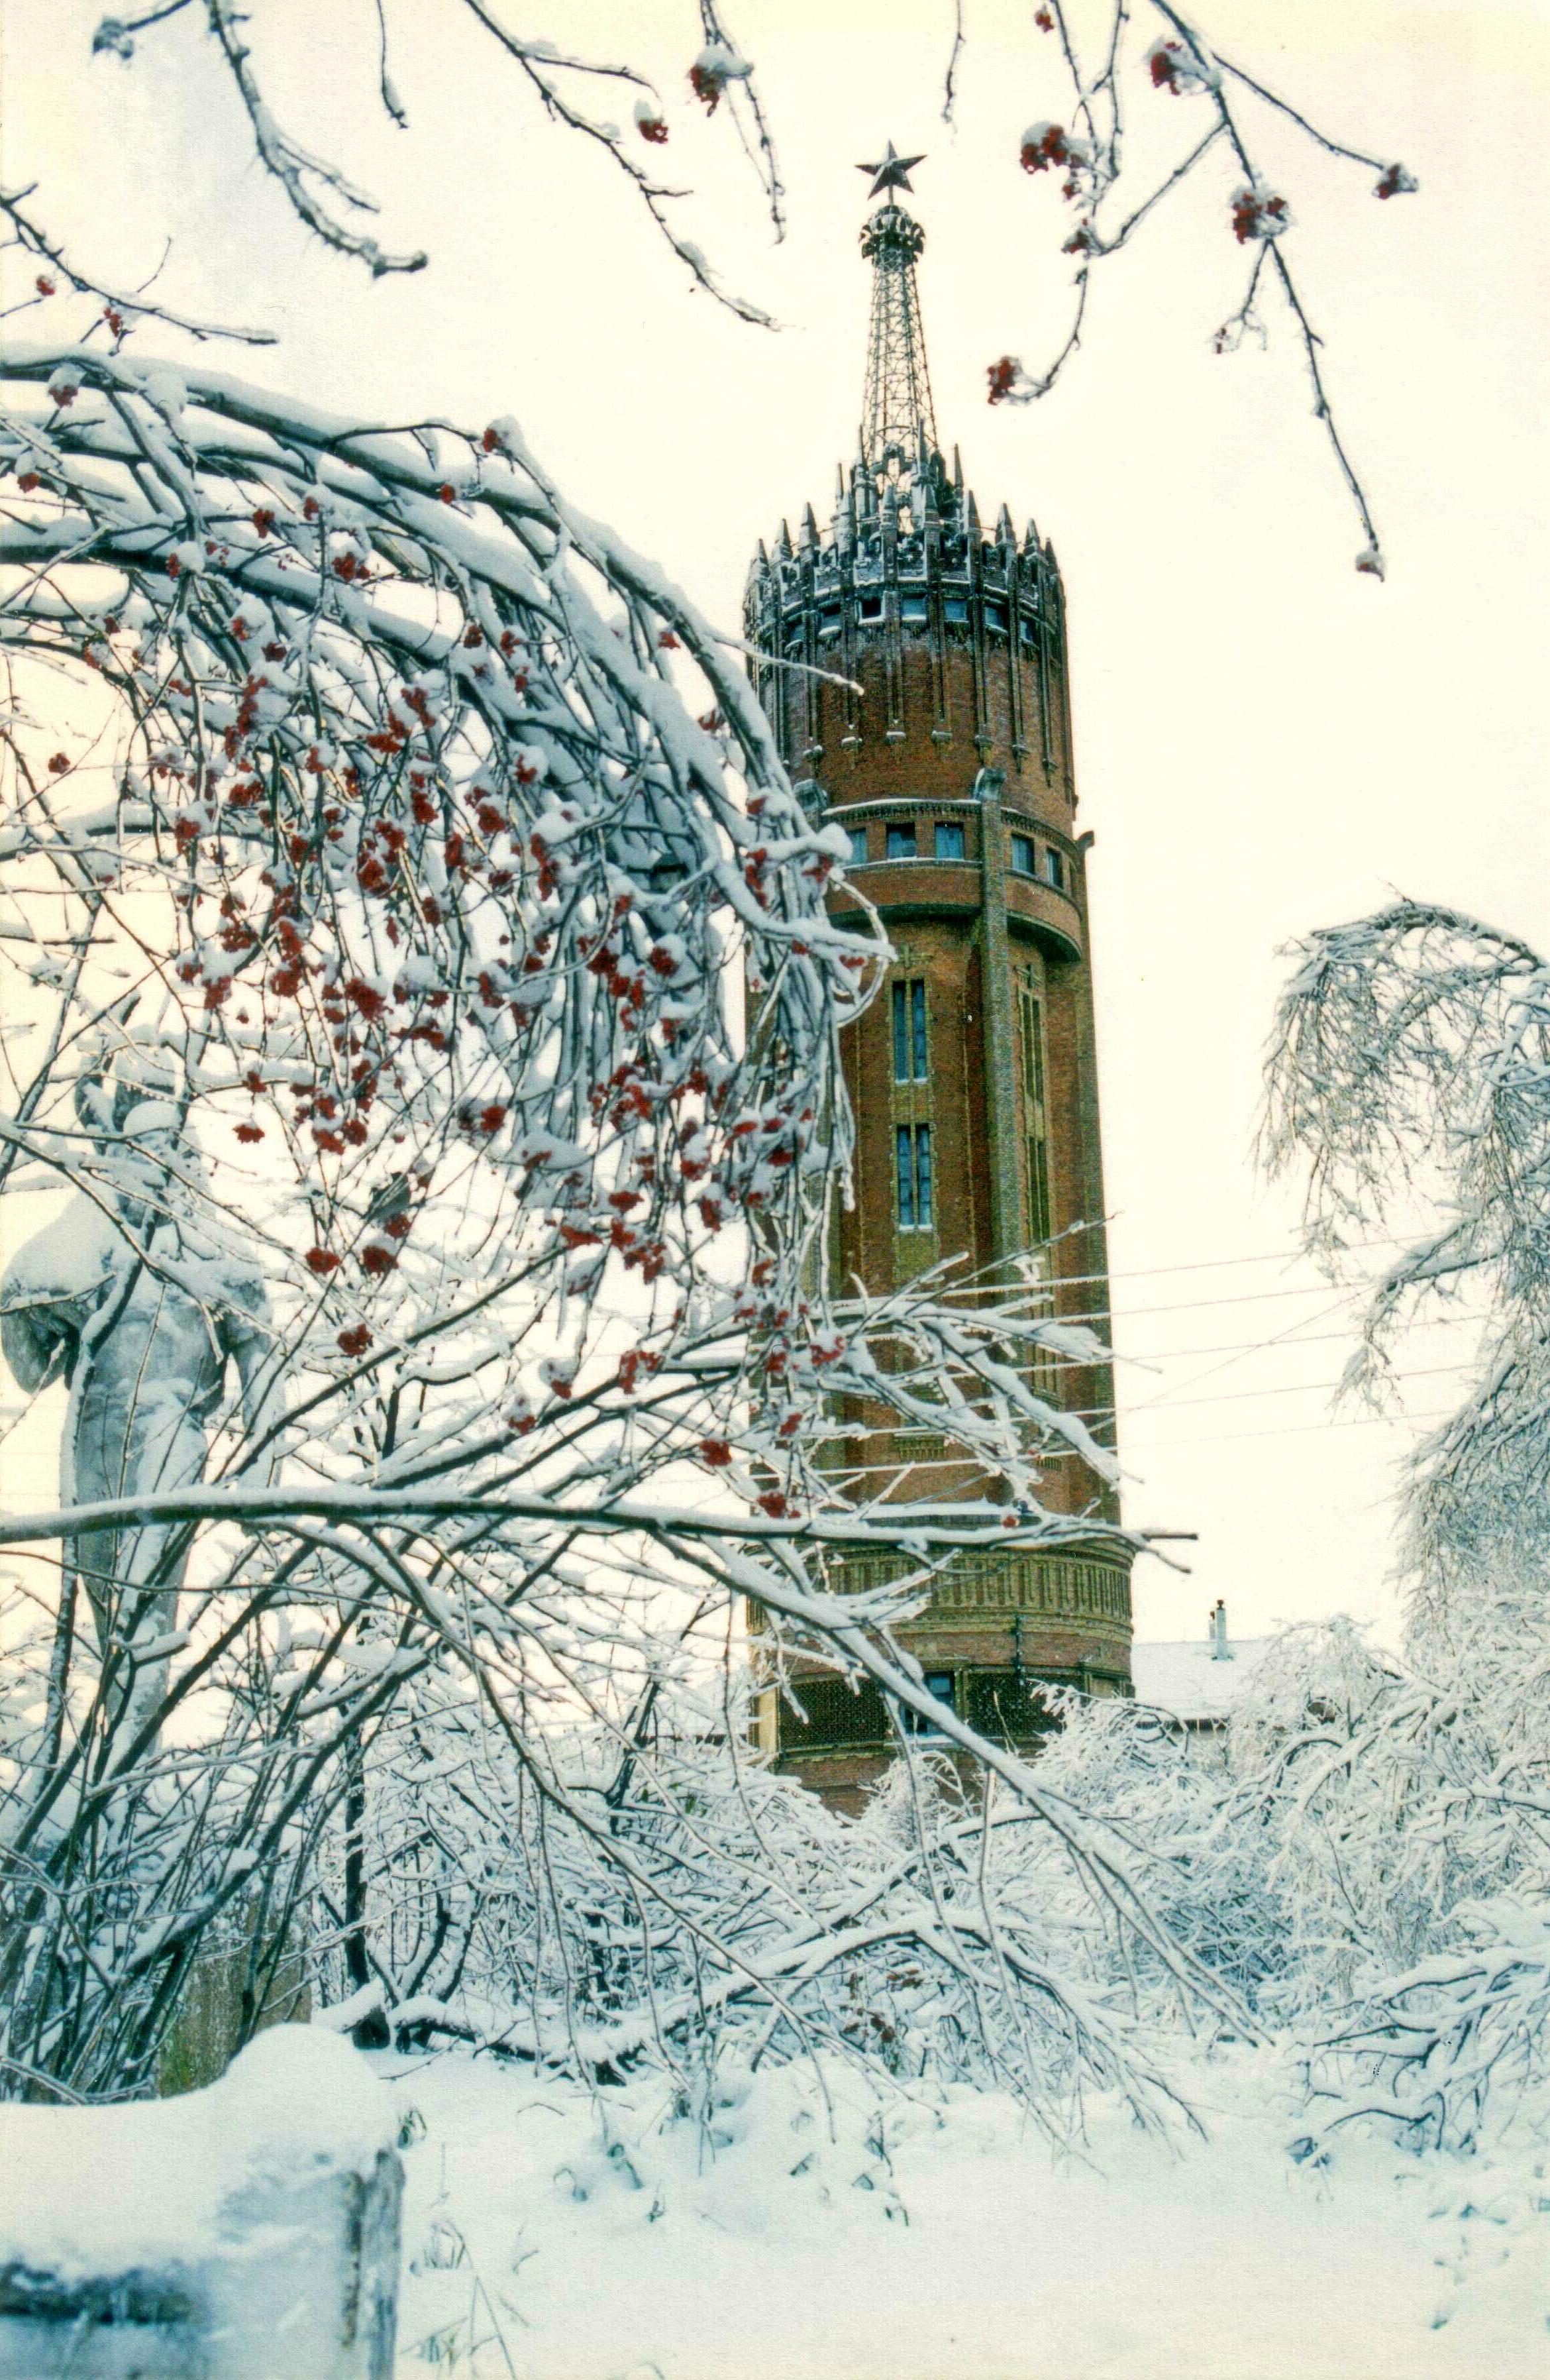 Водонапорная башня зимой